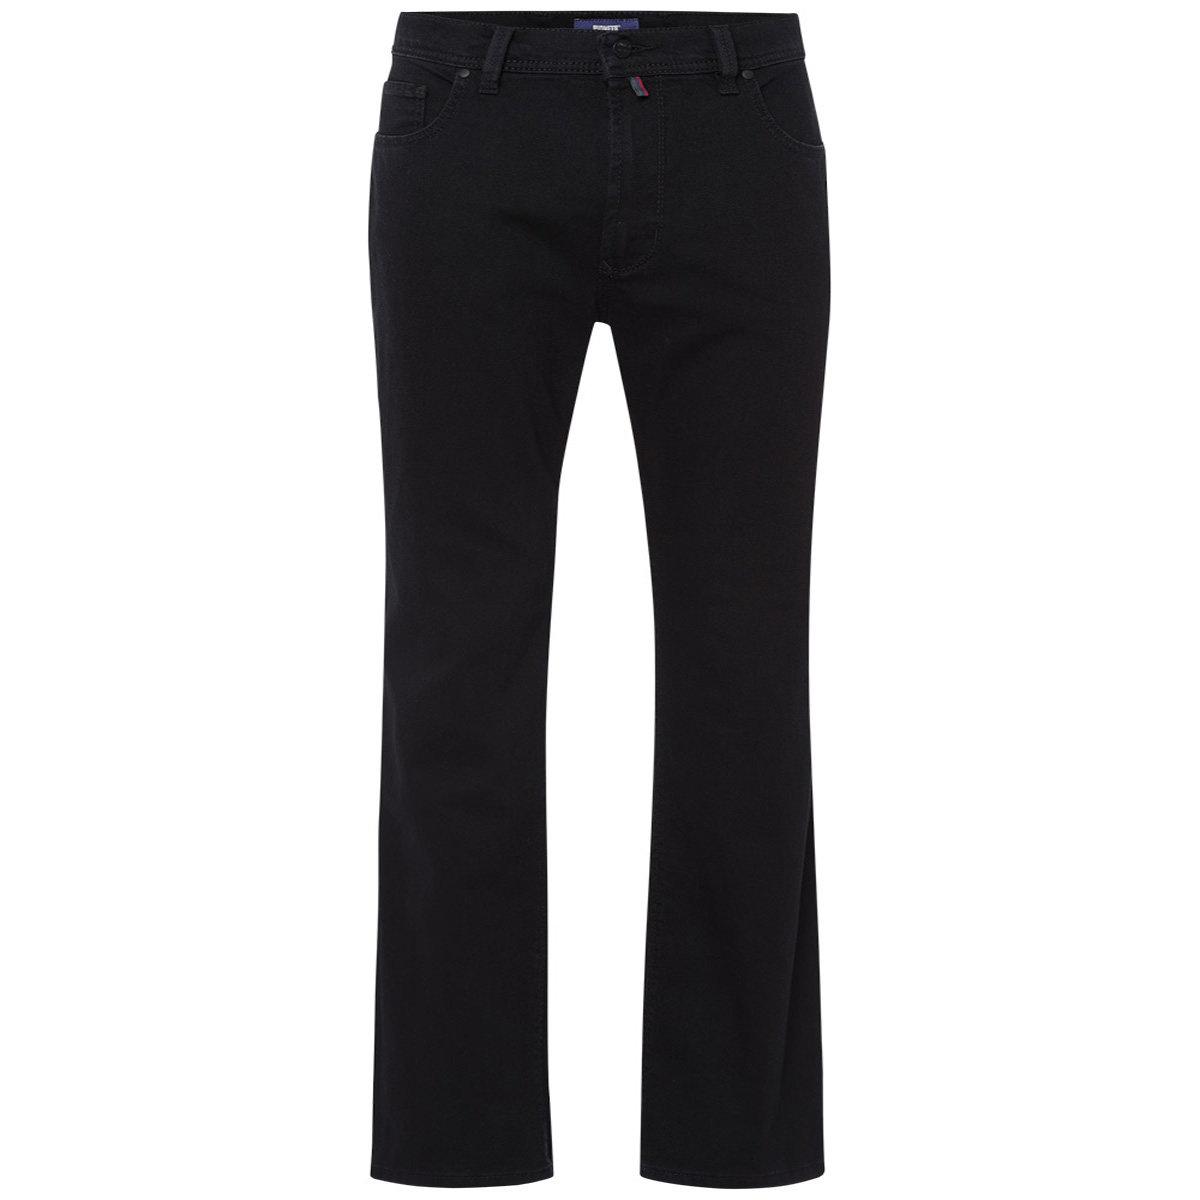 Pioneer Peter Herren Jeans Hose Stretch Übergrößen Unterbauchgrößen Bauchgrößen